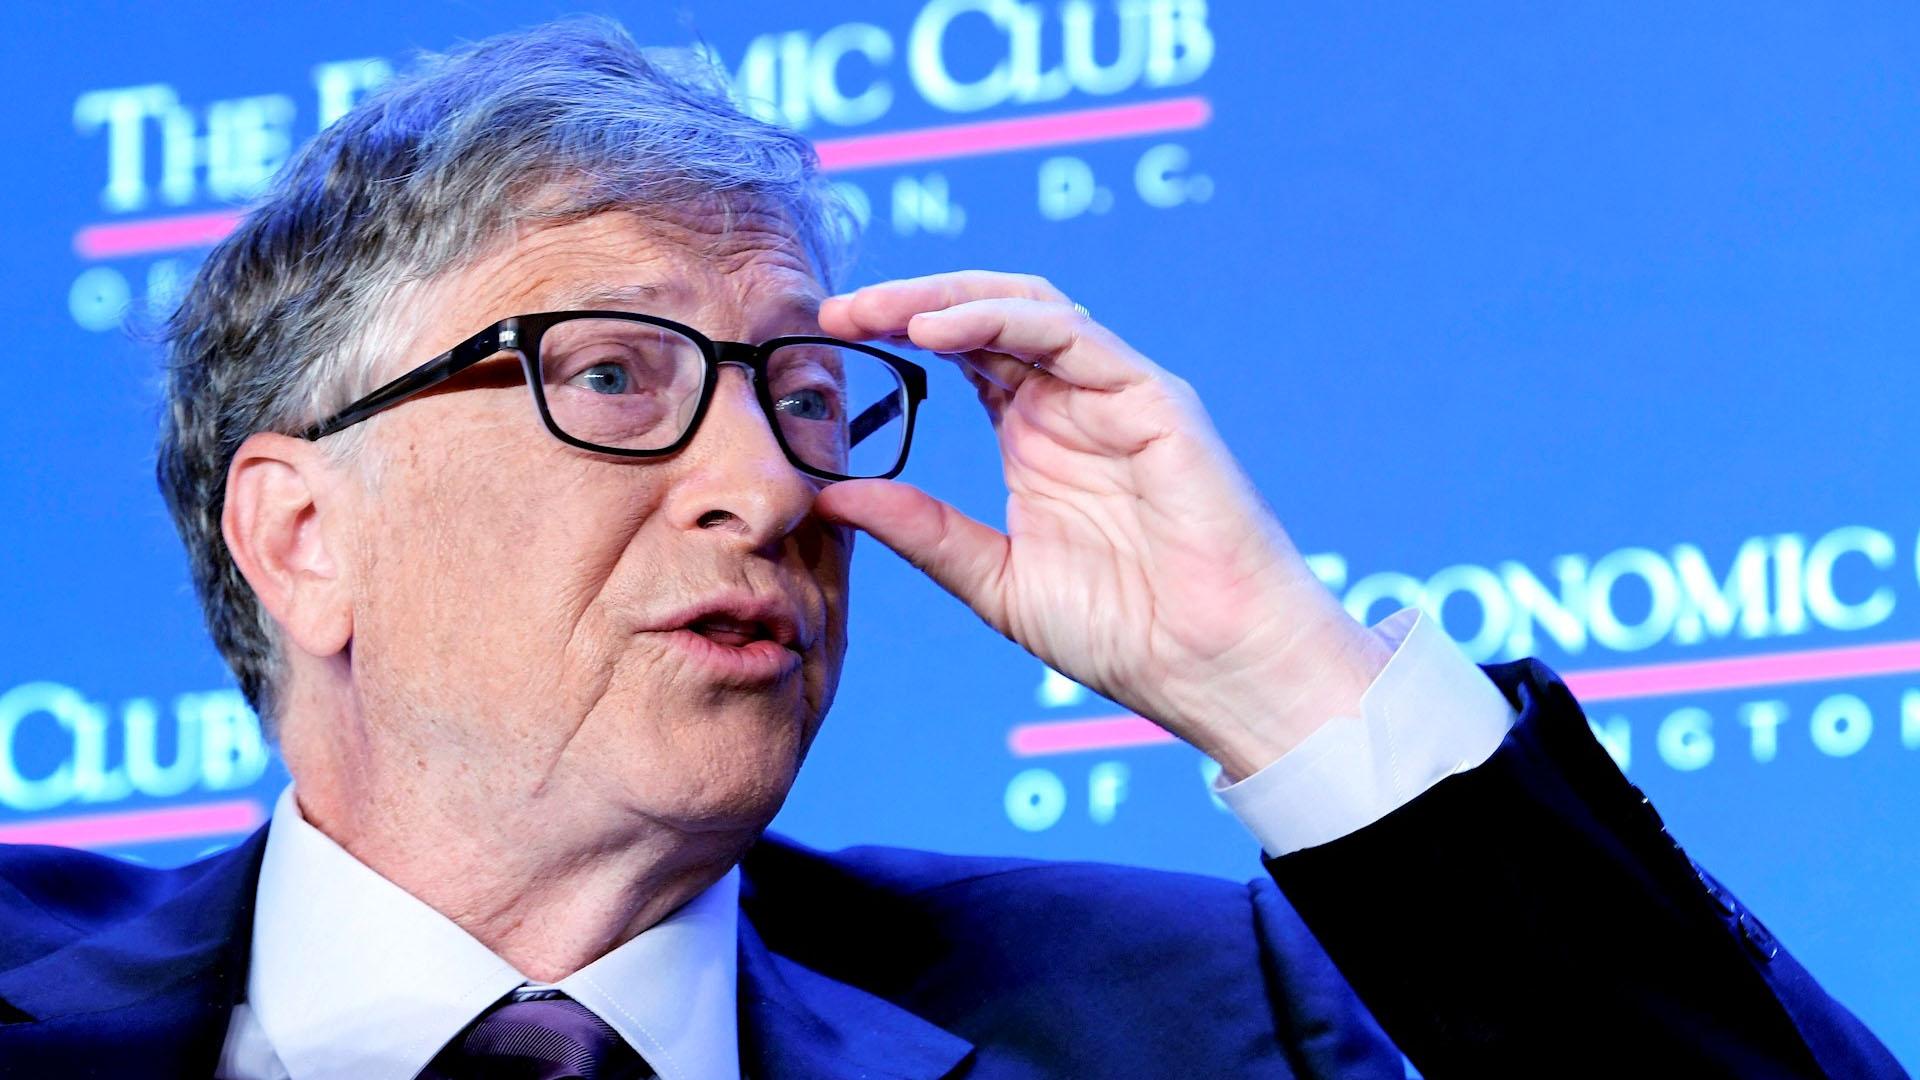 Las 3 recomendaciones de Bill Gates para luchar contra el coronavirus